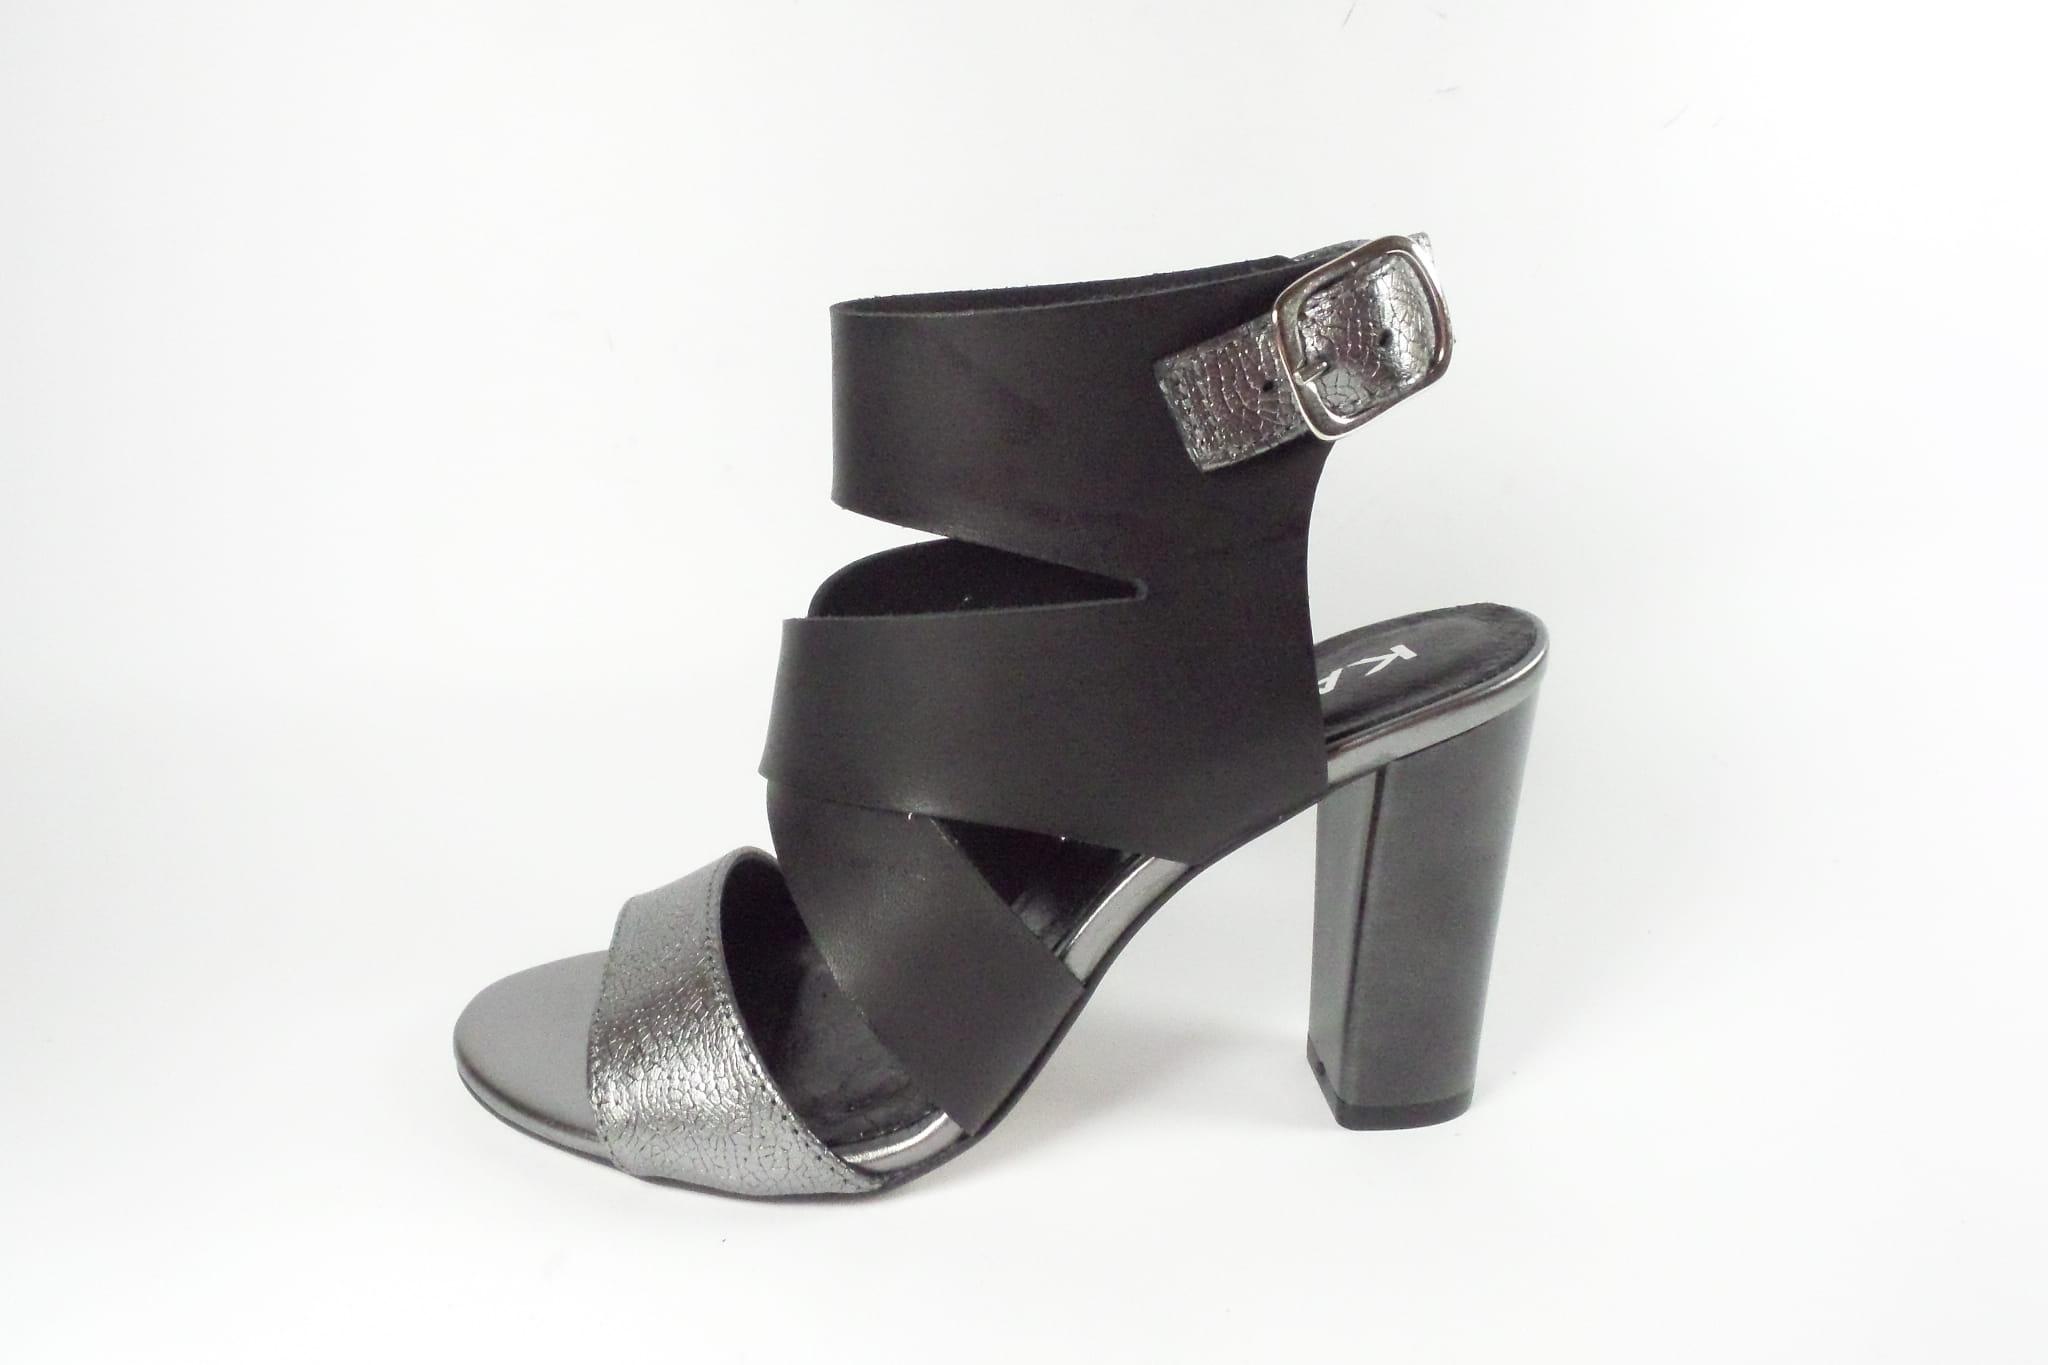 Sandały damskie Karino 2127 115 P czarny srebrny